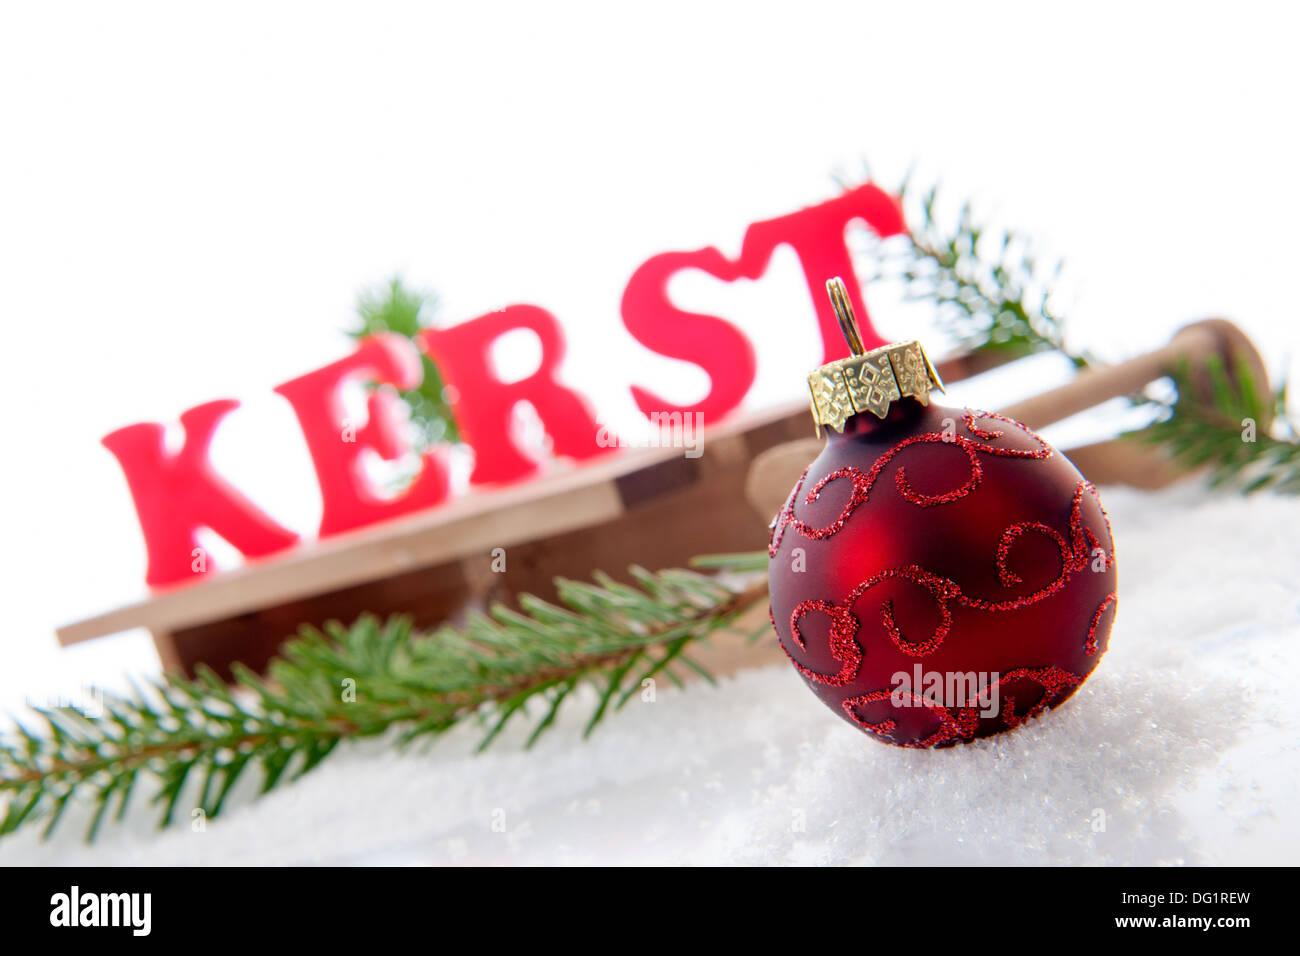 Frohe Weihnachten Und Ein Gutes Neues Jahr Holländisch.Weihnachtsgrüße Holländisch Weihnachtsgrüße Deutsch Englisch 2019